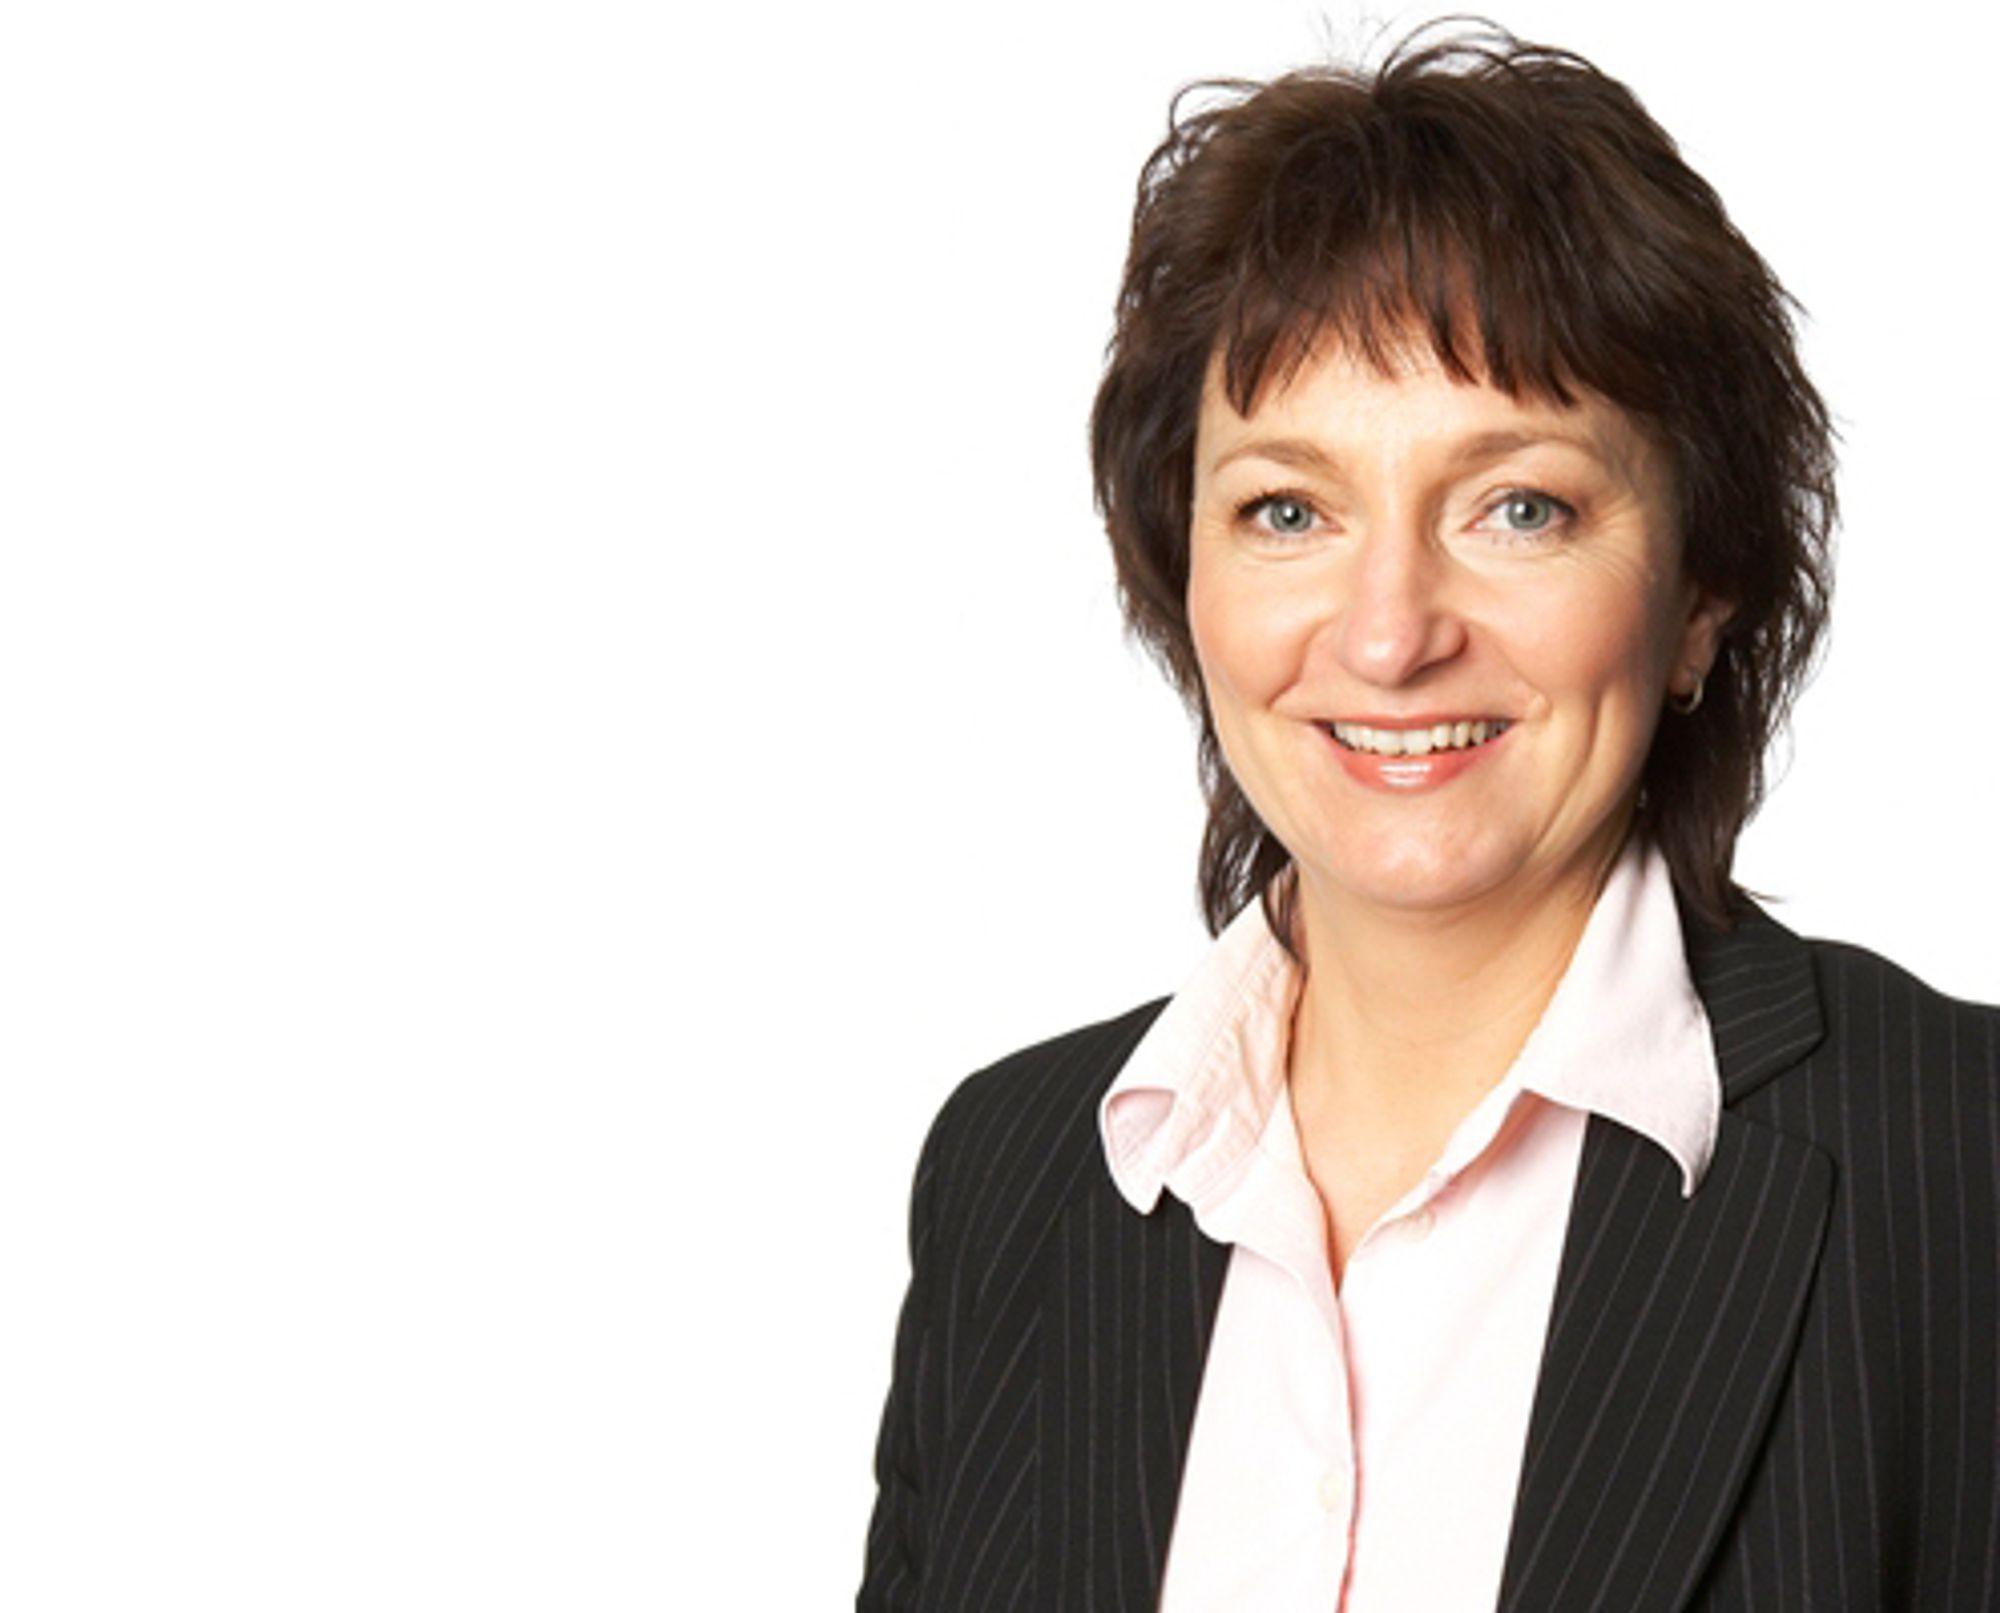 FÅR JOBBEN: Inger-Lise M. Nøstvik tar over som generalsekretær i NP, etter å ha vært konstituert i stillingen i tre år.